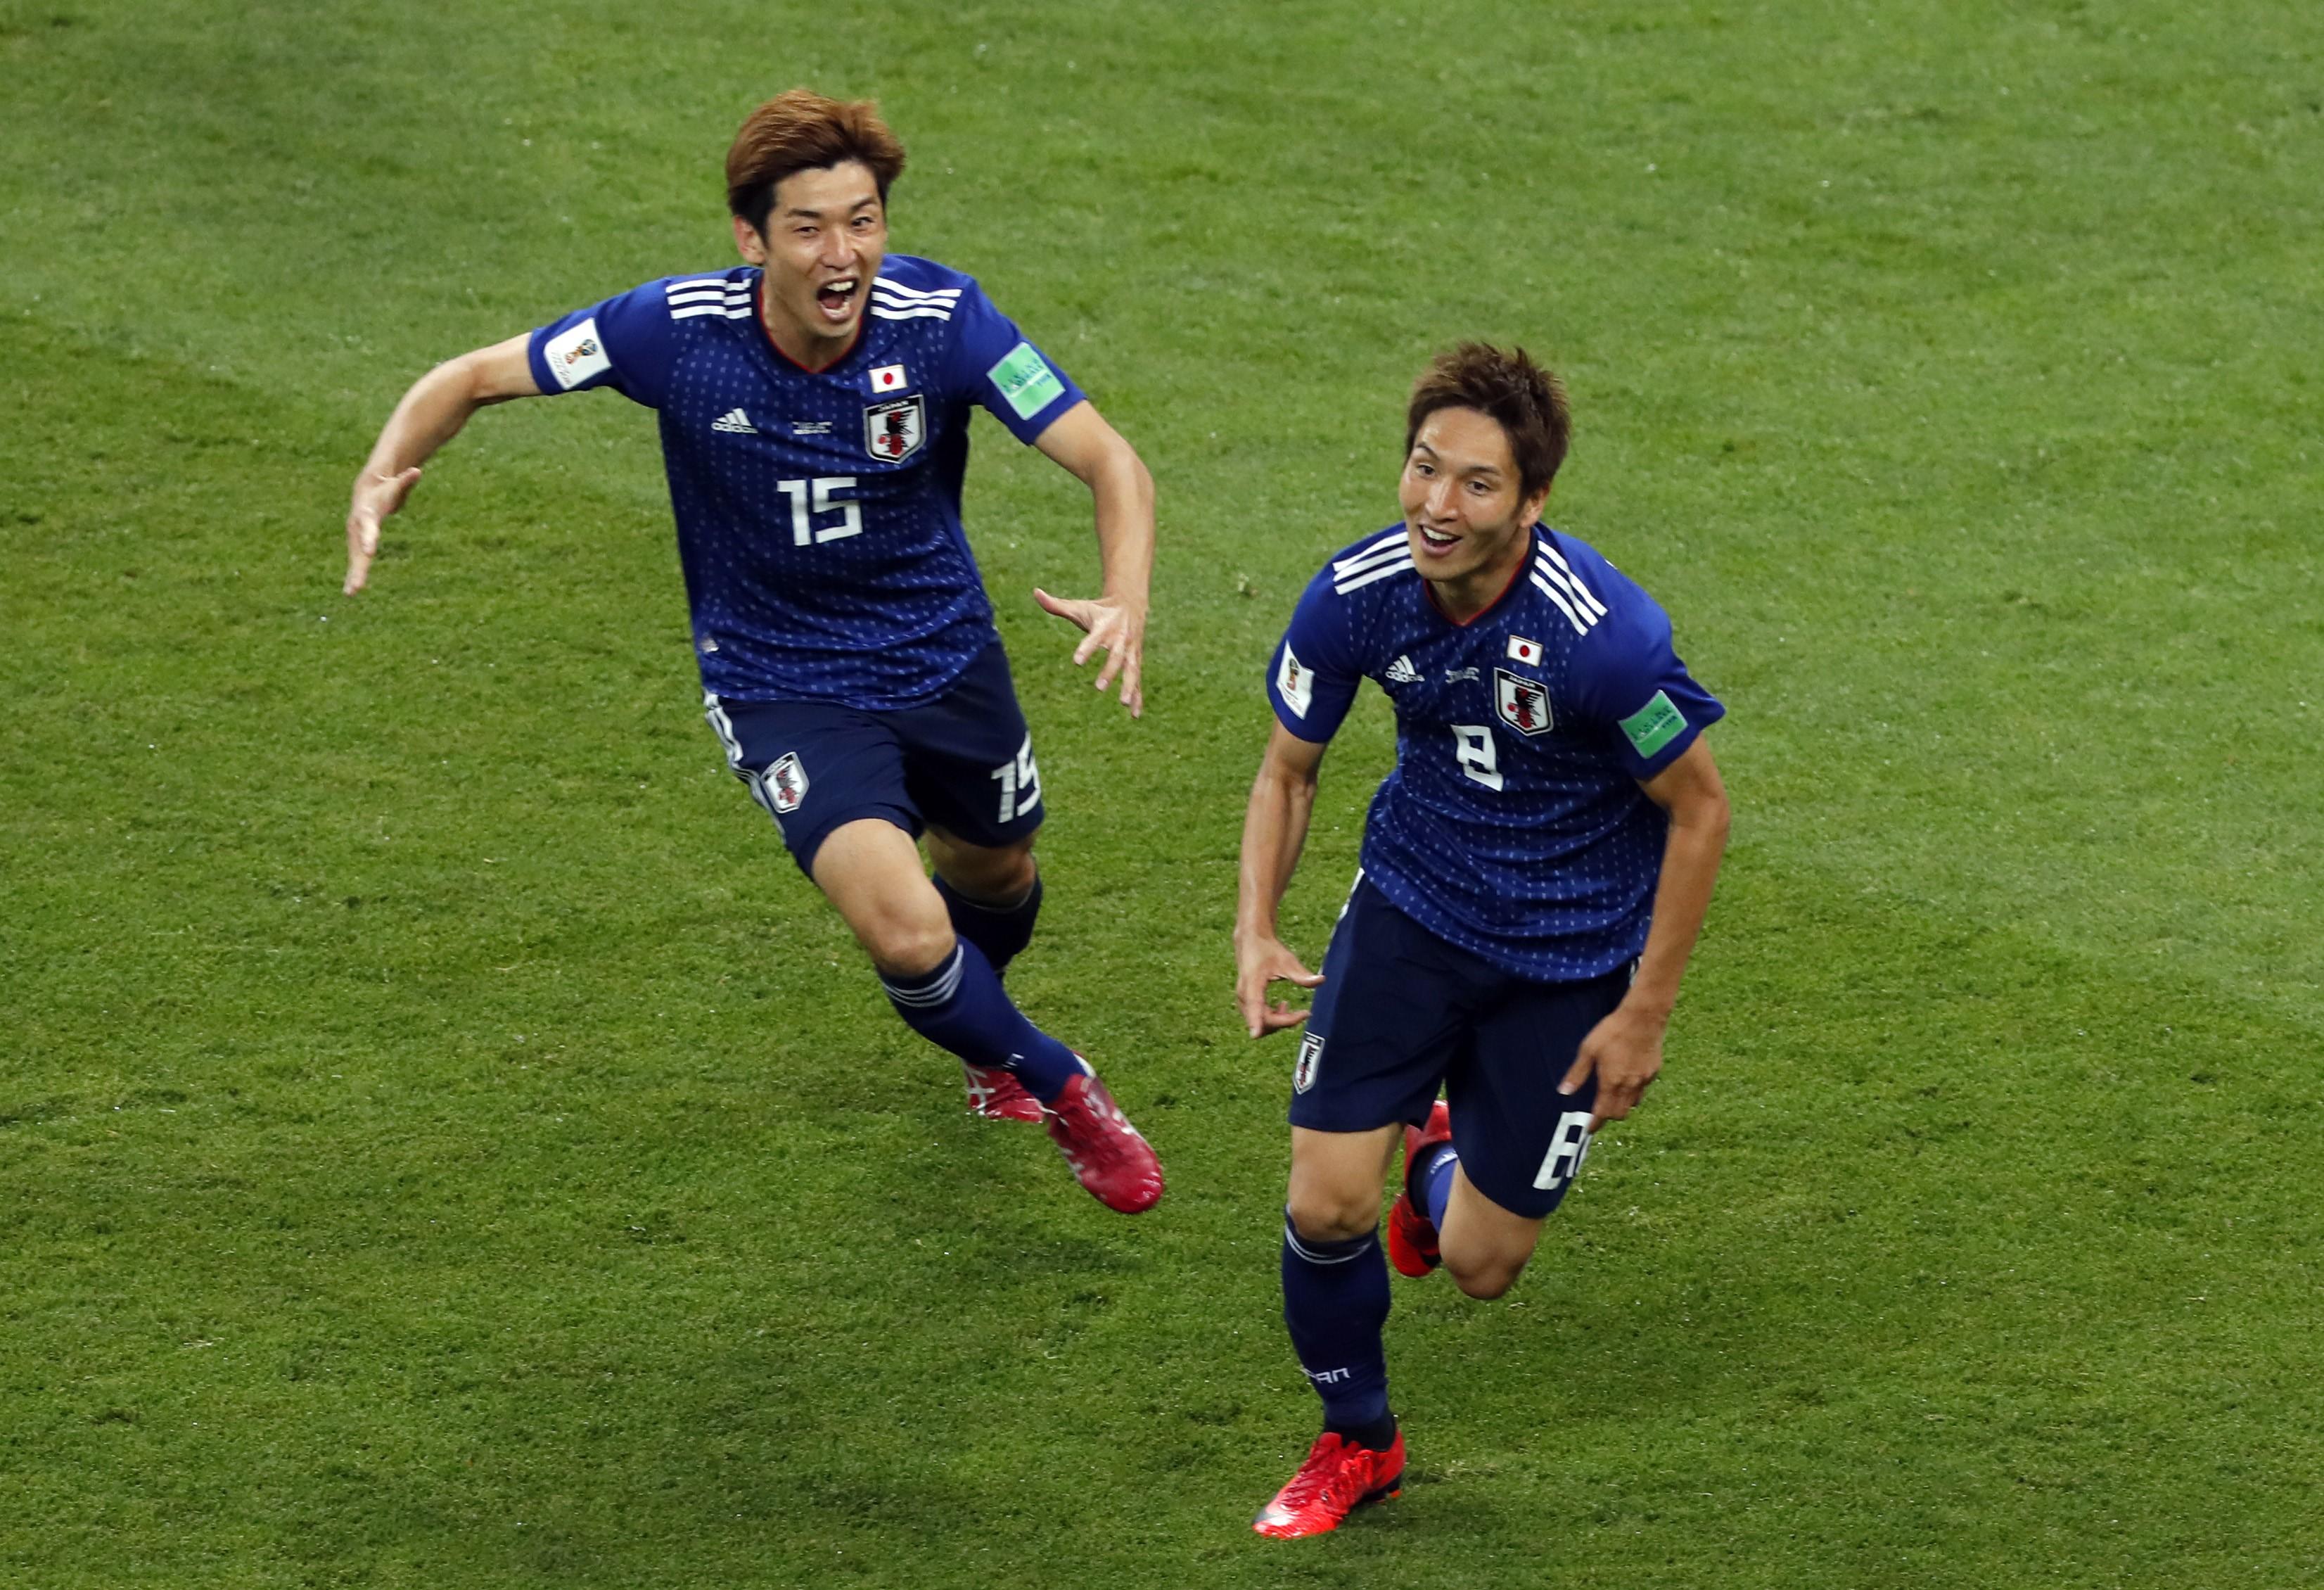 Genki Haraguchi célèbre son but avec Yuya Osako lors de Japon - Belgique lors de la Coupe du monde 2018